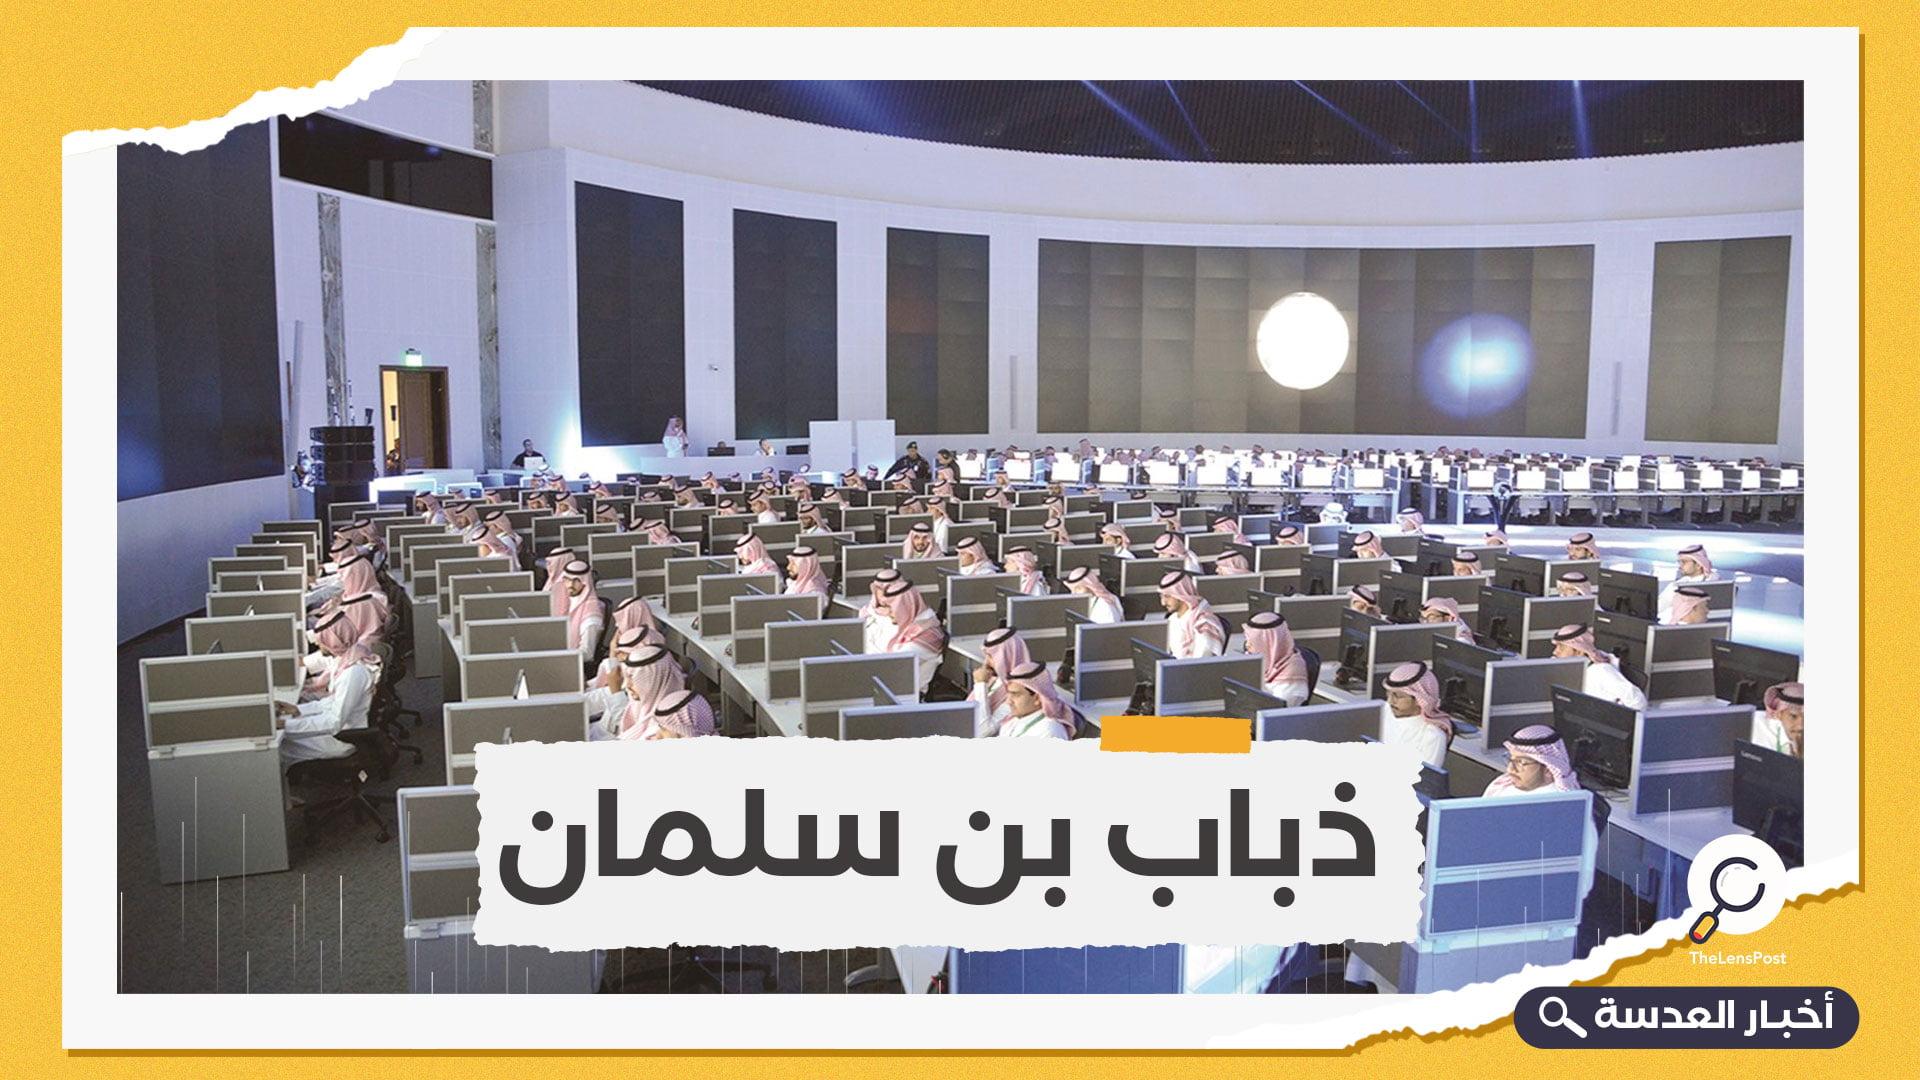 مؤامرة جديدة.. محامو بن نايف يحذرون من حملة إلكترونية تعرض حياته للخطر